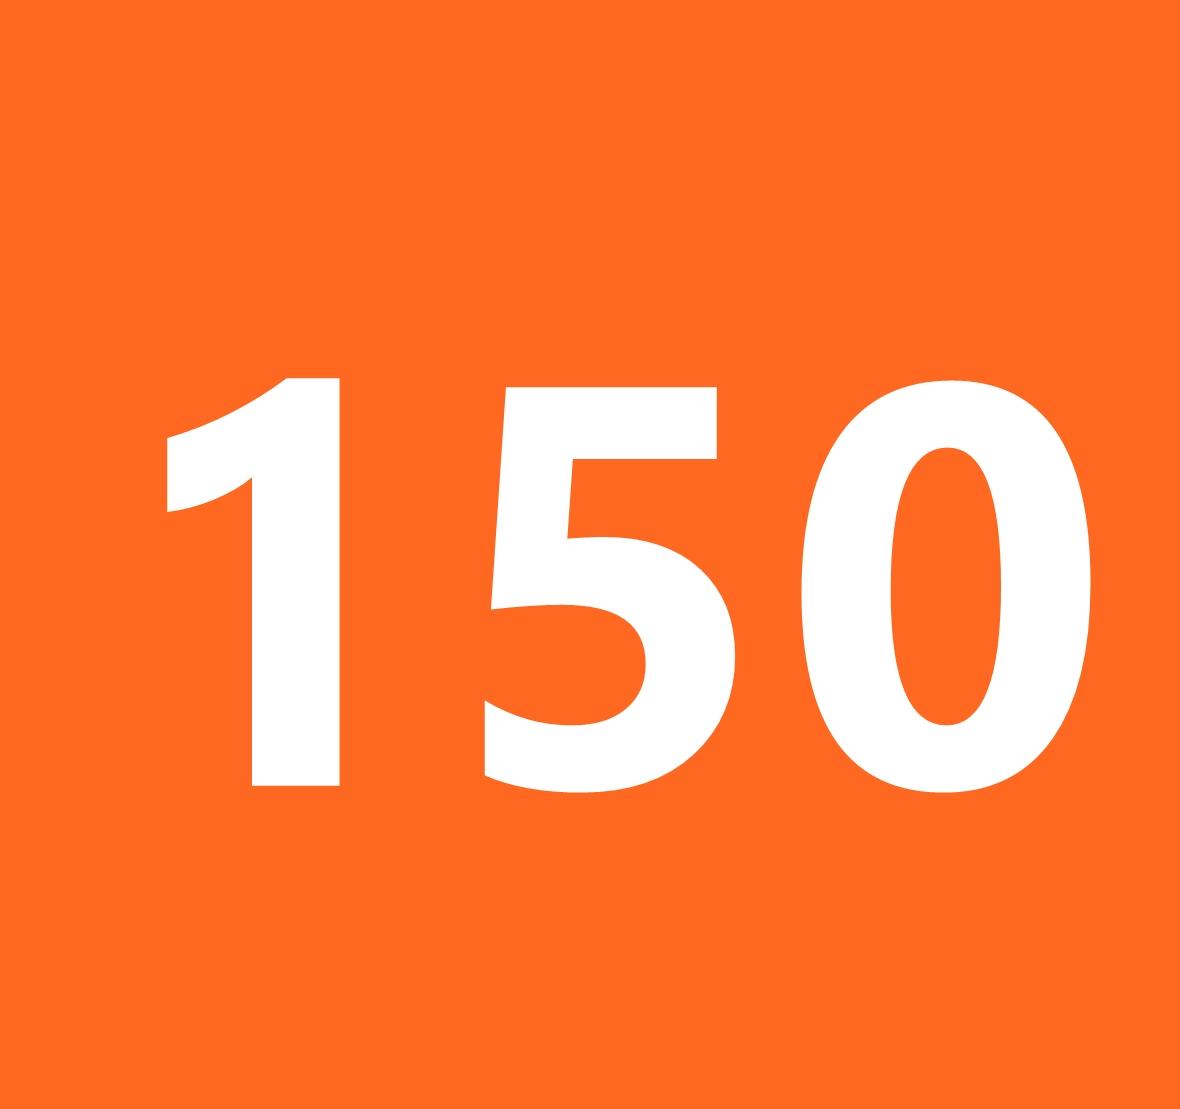 你知道,150這數字,跟瘦身有關嗎?